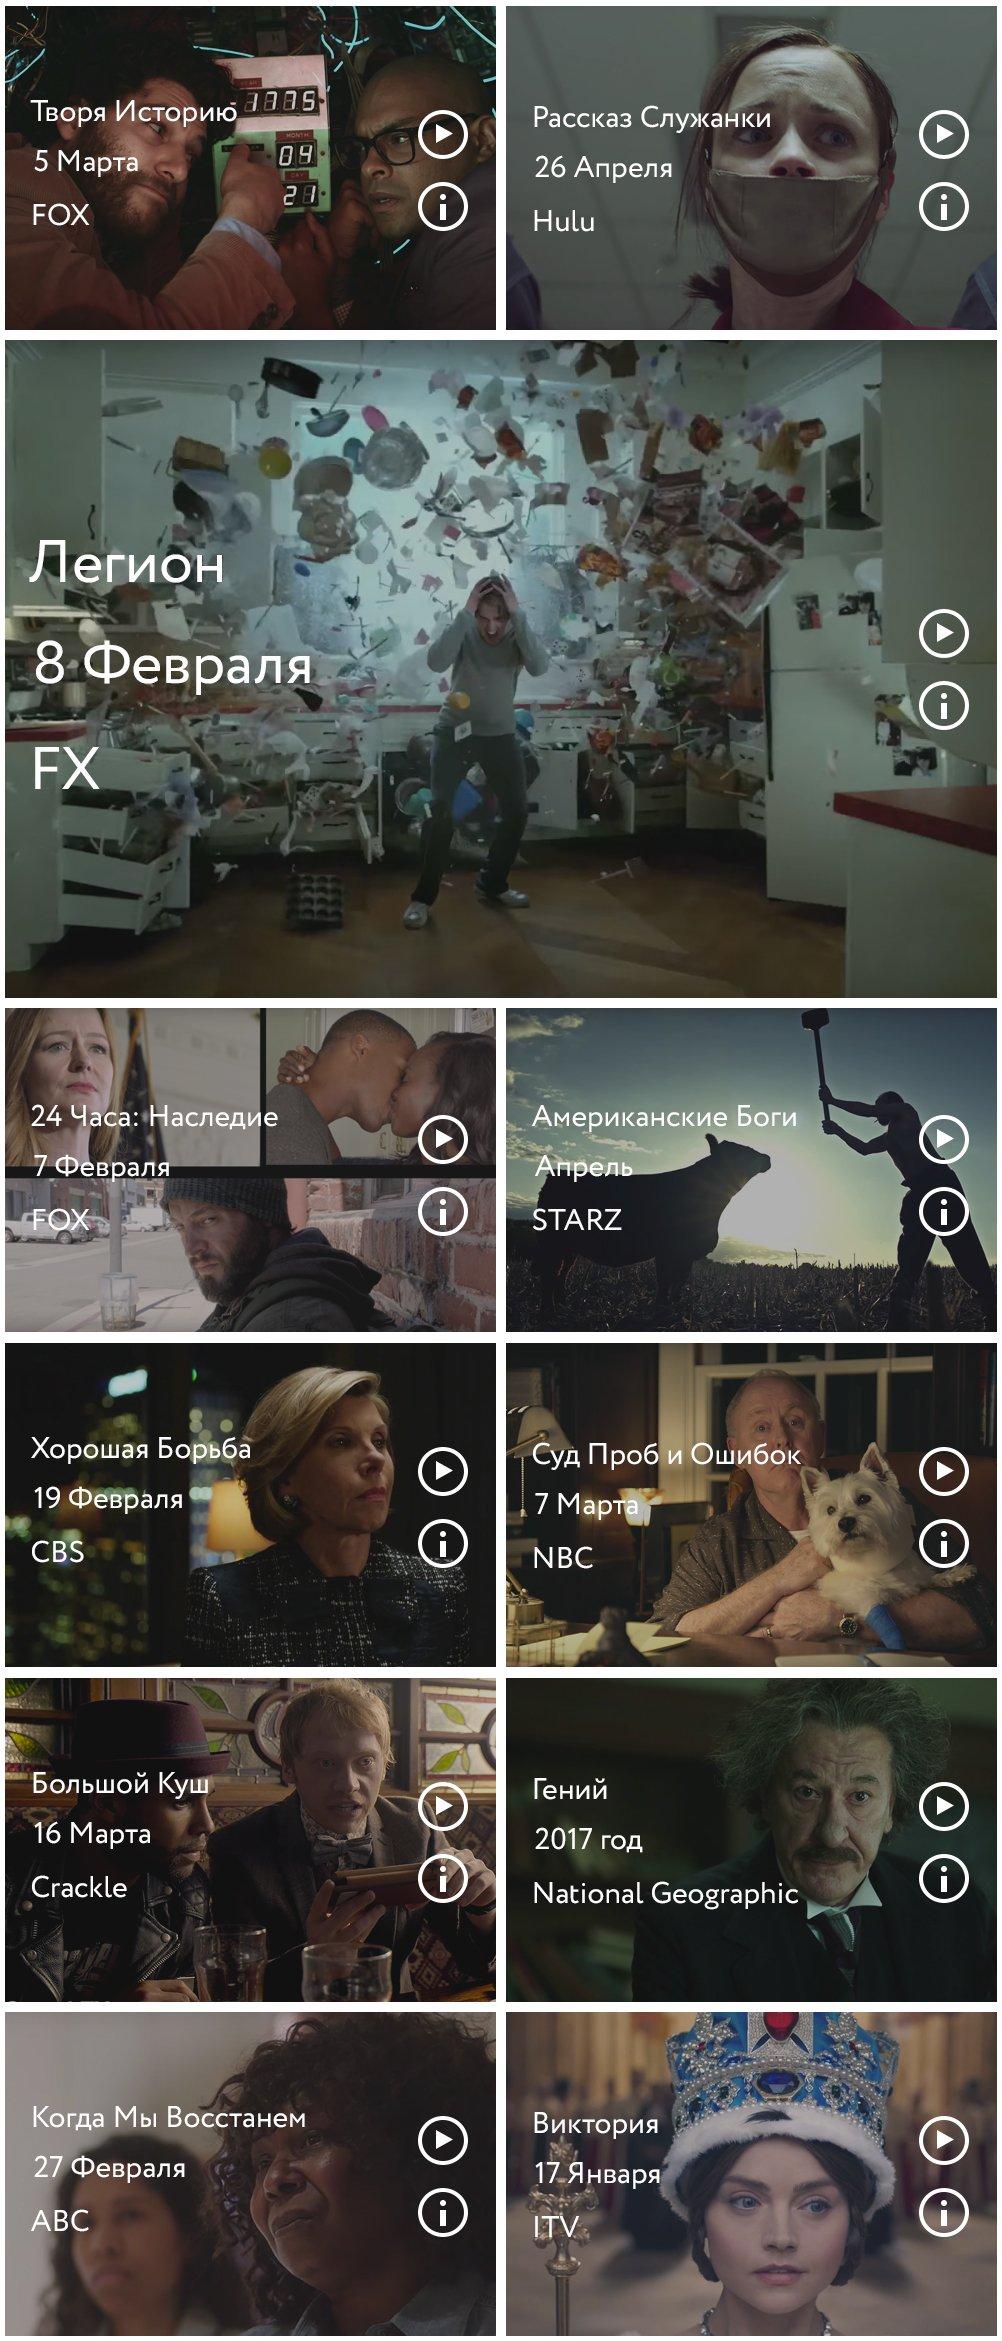 21 премьера: Лучшие новые сериалы (фото 1)